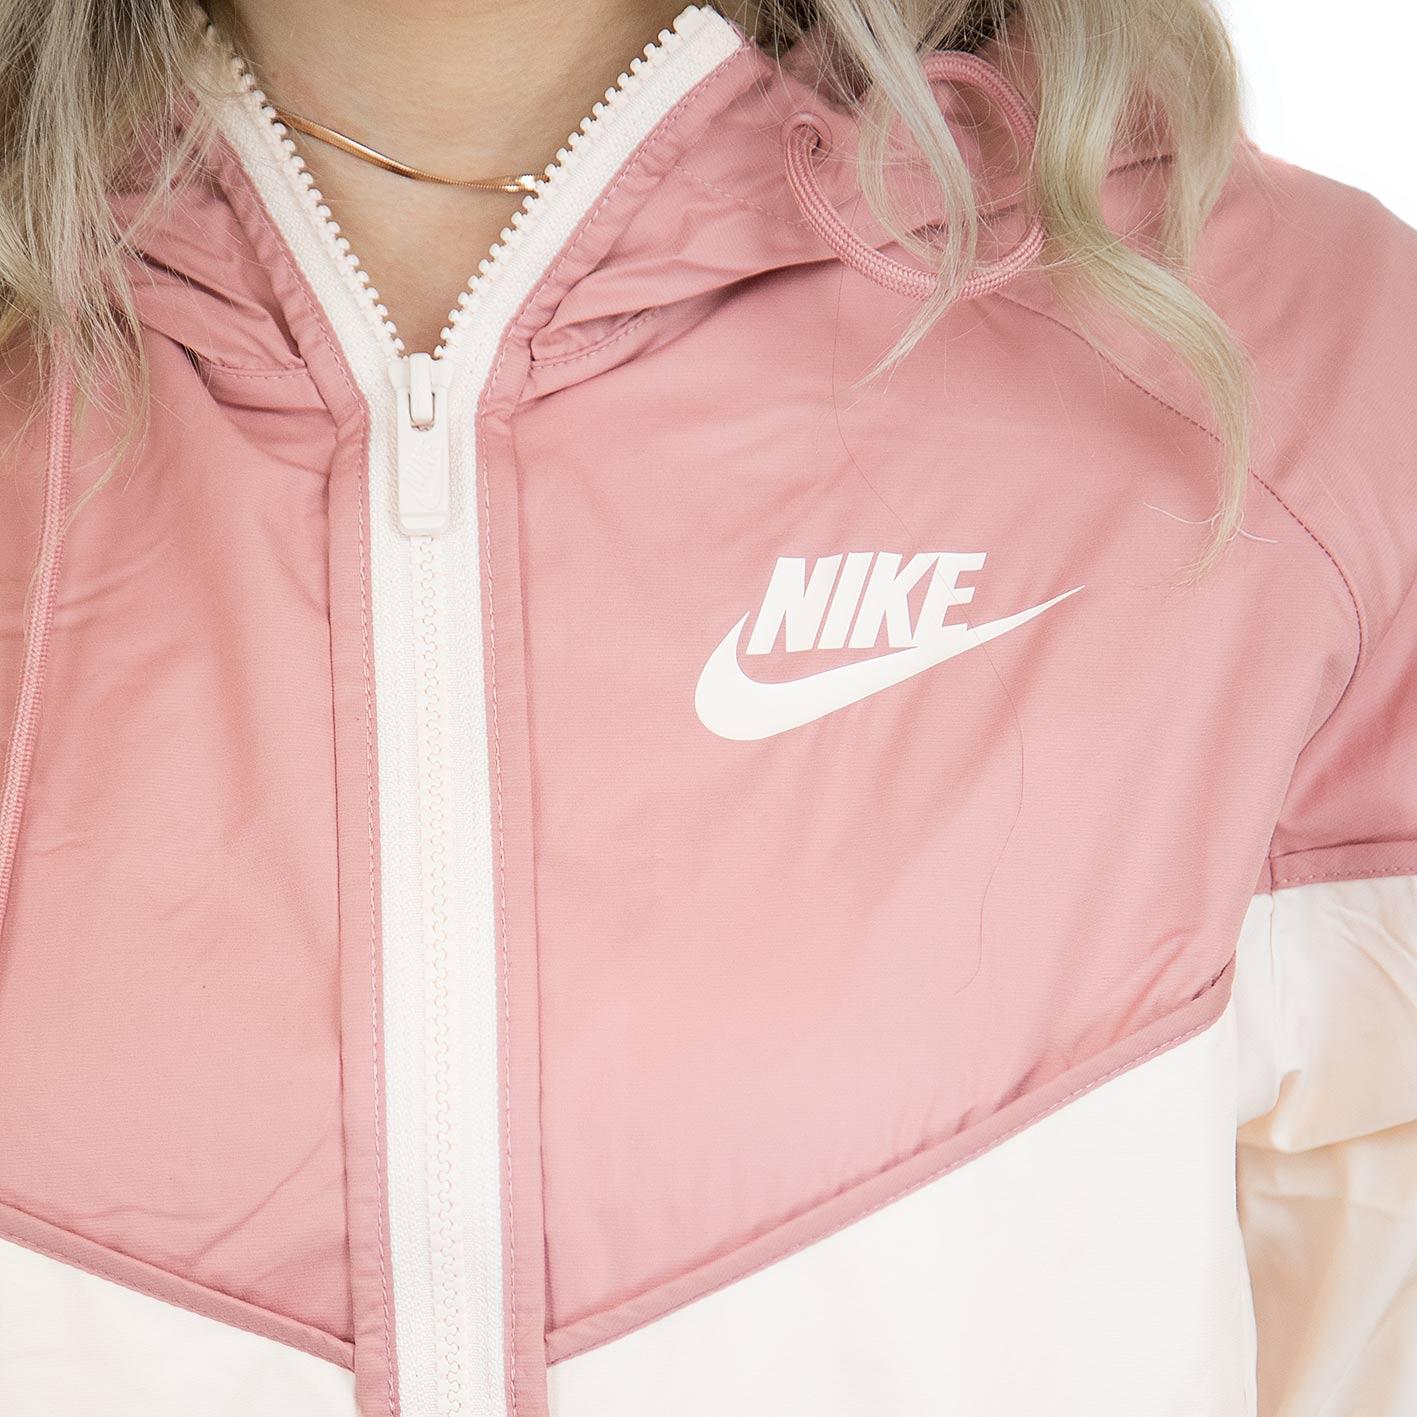 Jacke Damen Windrunner Jacke Windrunner Damen Nike Nike Windrunner kPXiuZ